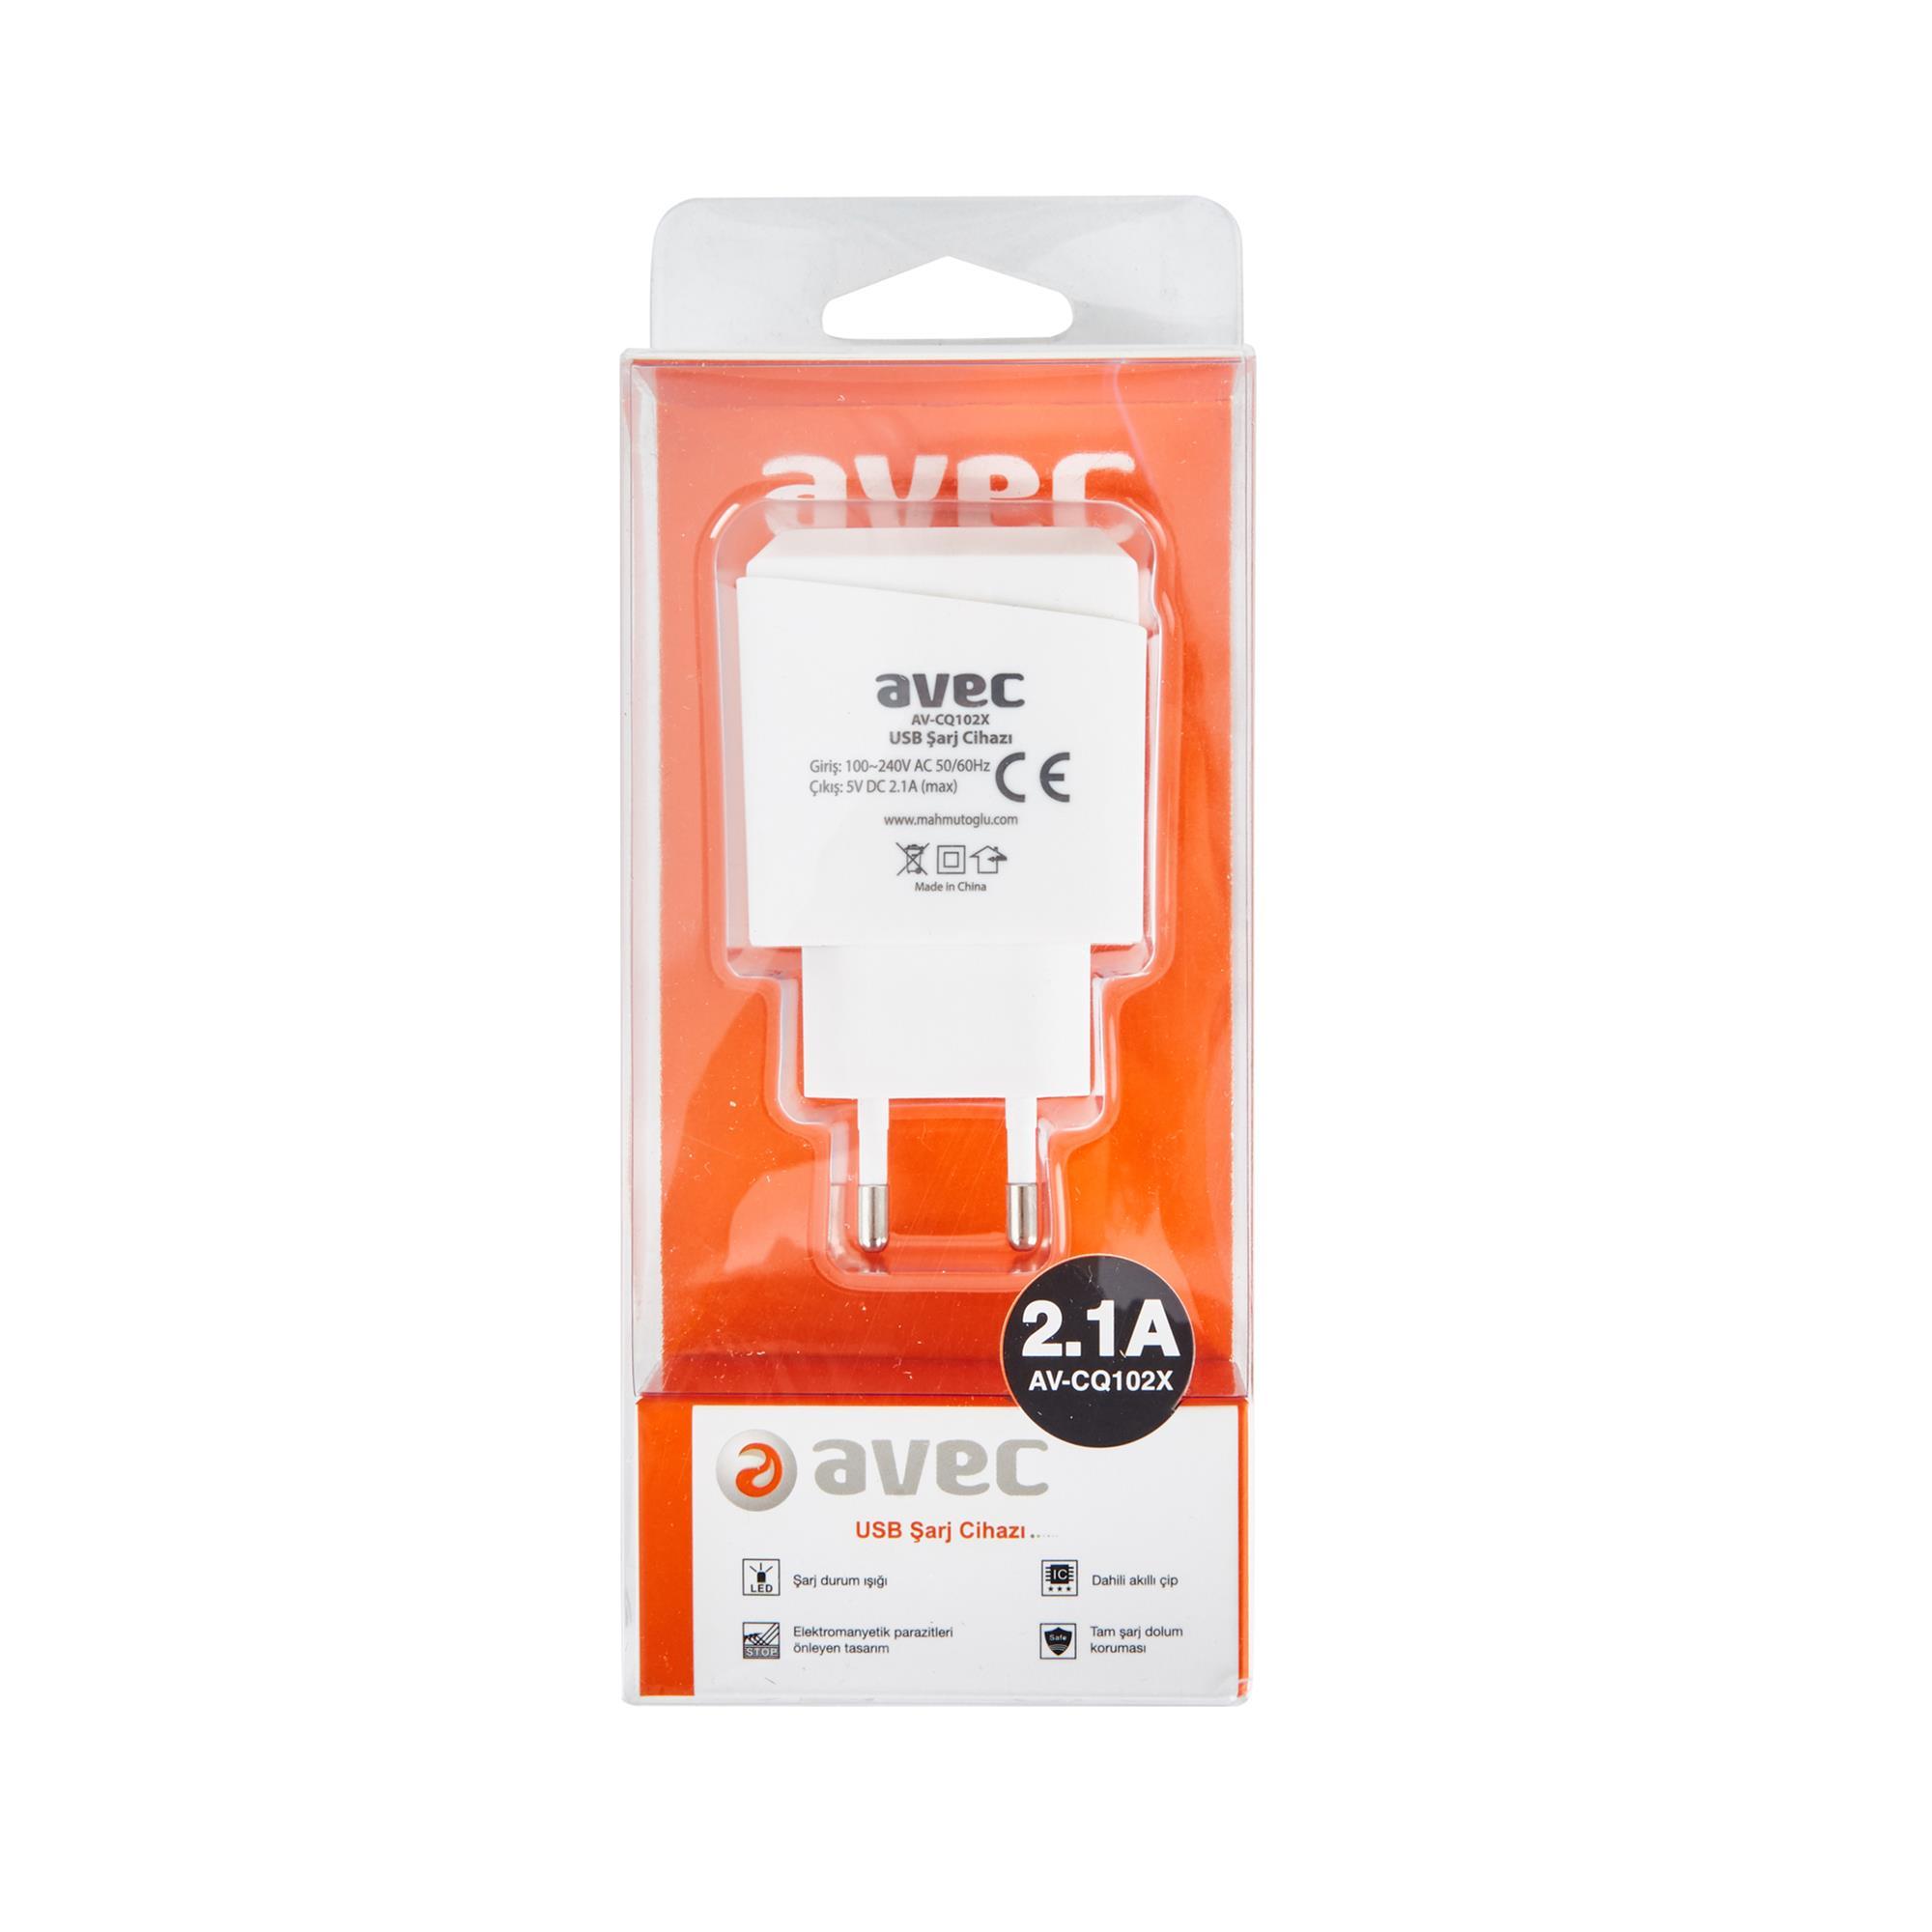 AVEC AV-CQ102X 220V TEKLİ USB ŞARJ CİHAZI